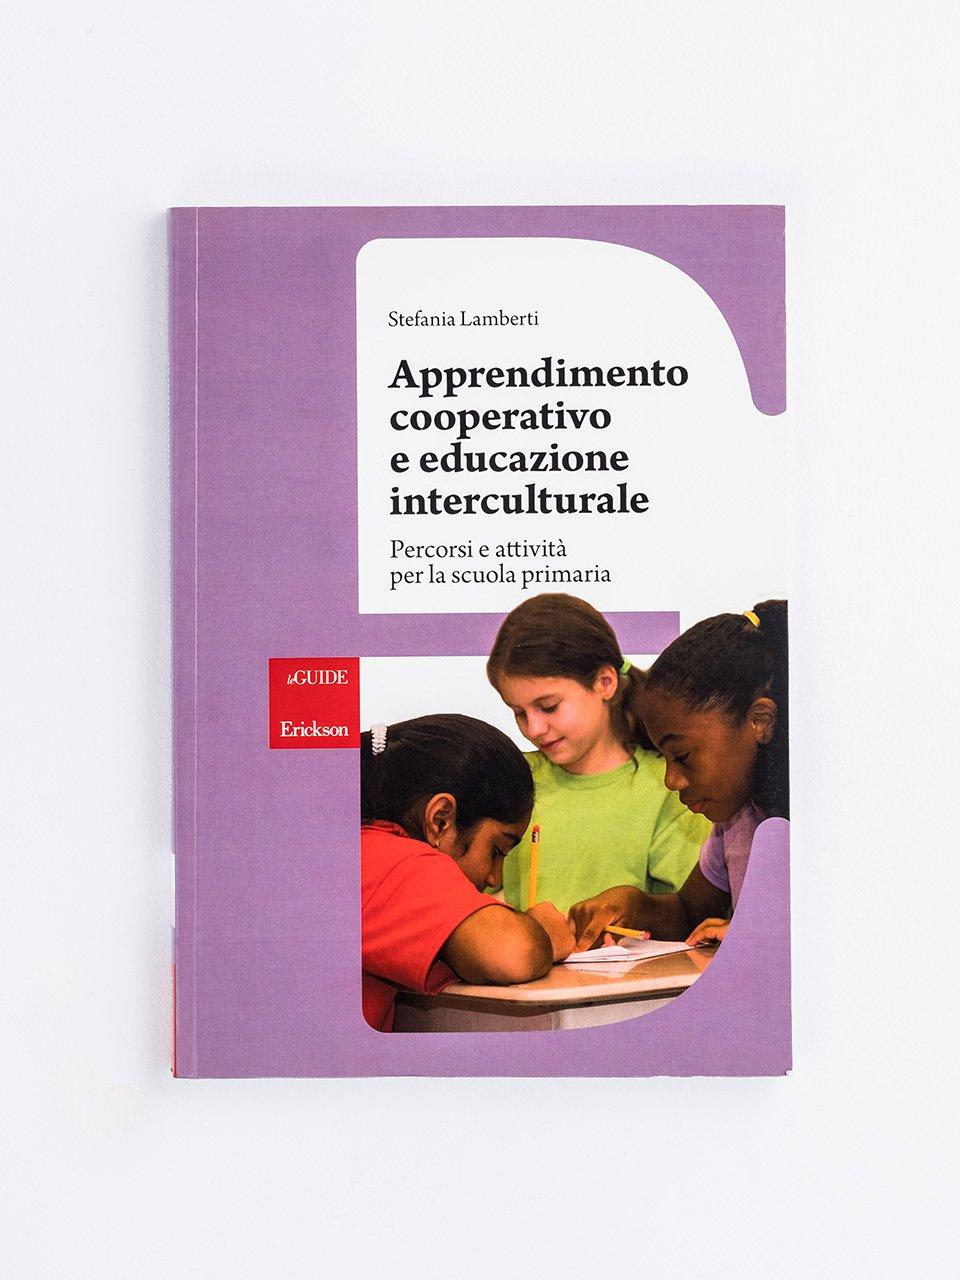 Apprendimento cooperativo e educazione interculturale - Libri e eBook di Saggistica: novità e classici - Erickson